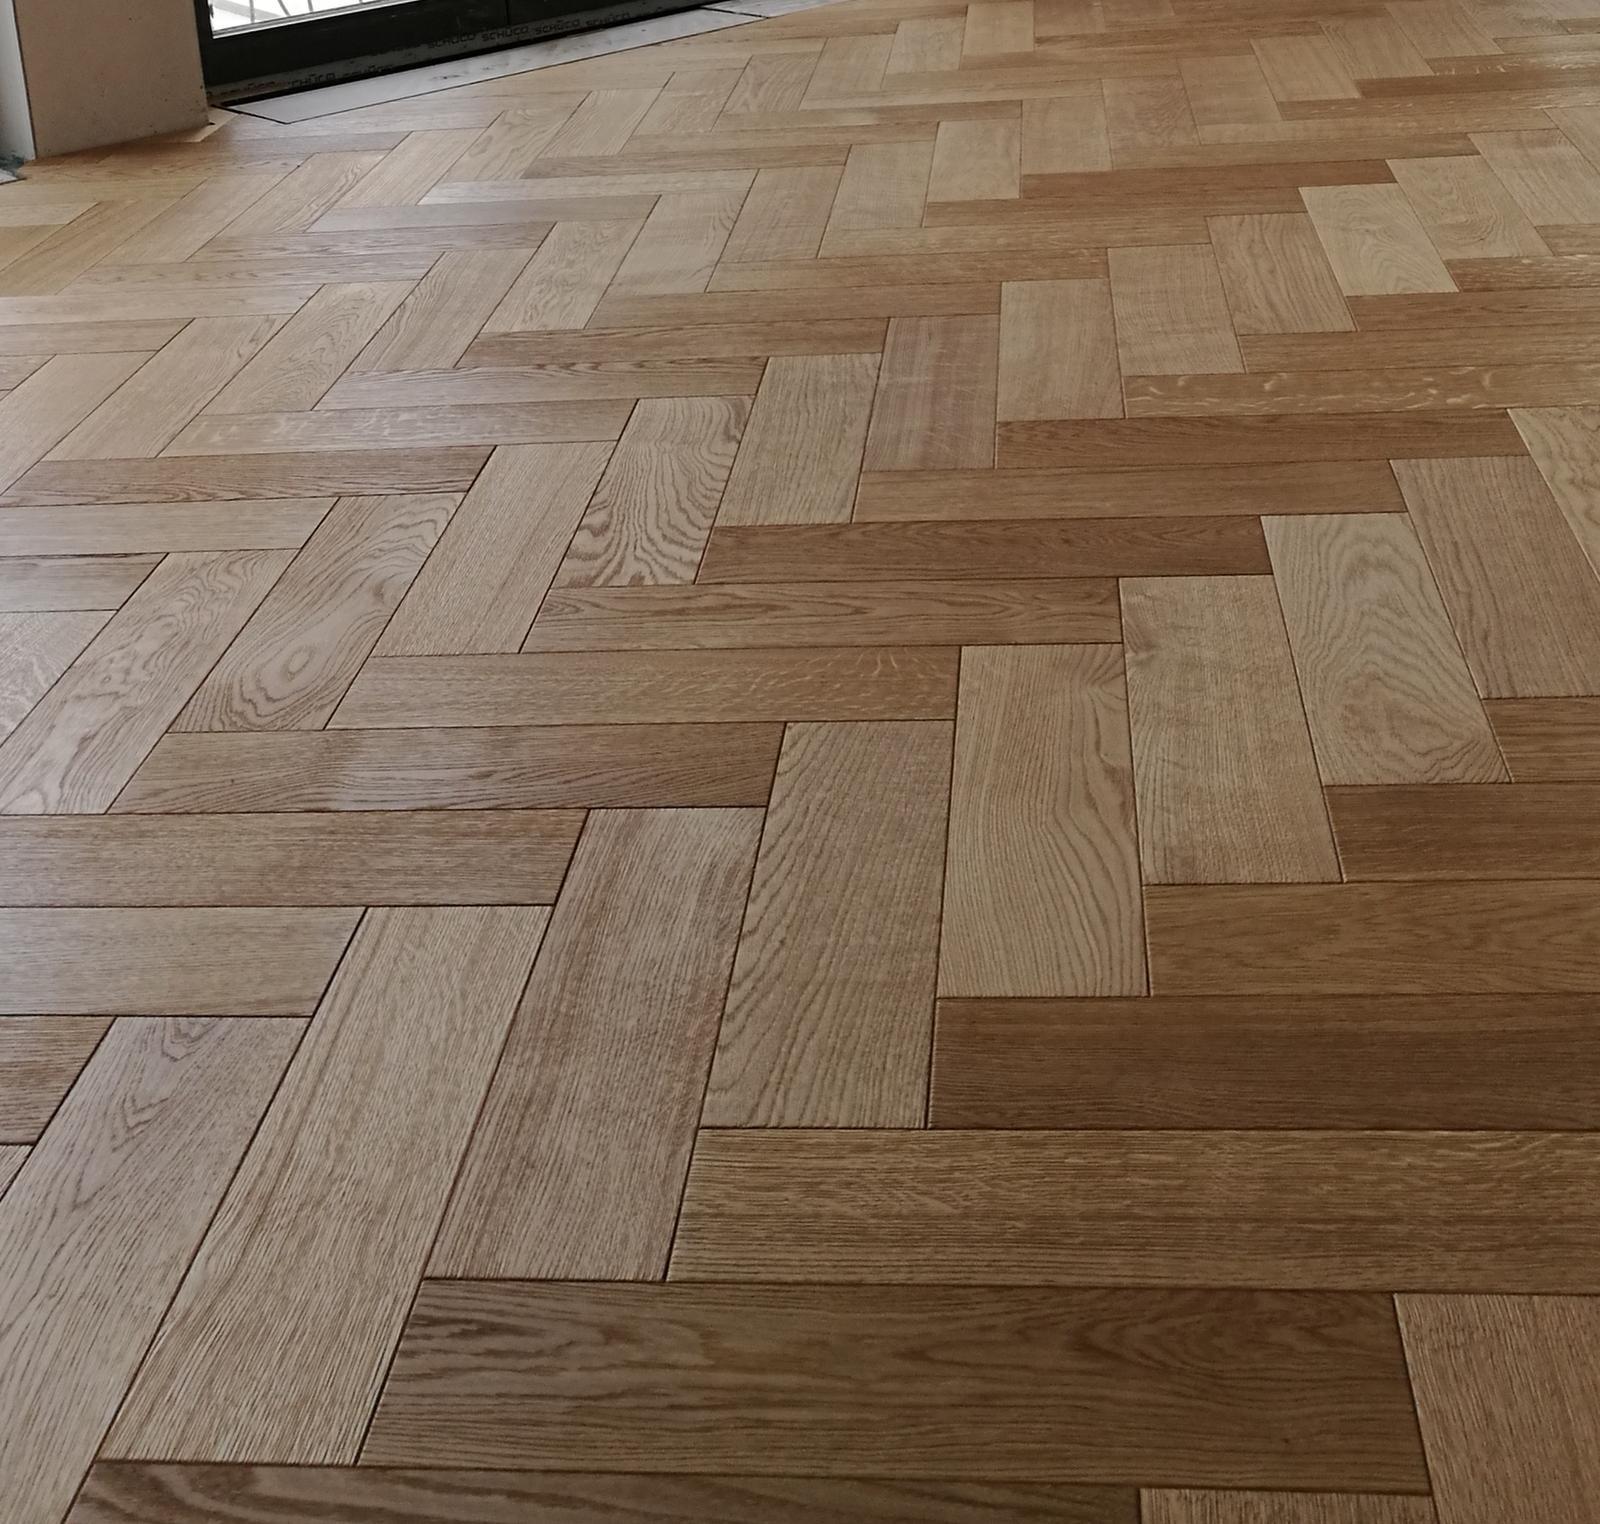 Heslo: Extravagancia & Luxus ❤️ - Koncom budúceho týždňa mame naplánovanú pokládku našej podlahy... dub-masív - olejované drevo... už sa nemôžem dočkať ako na ne stupím bosou nôžkou sú dokonalé!!!!